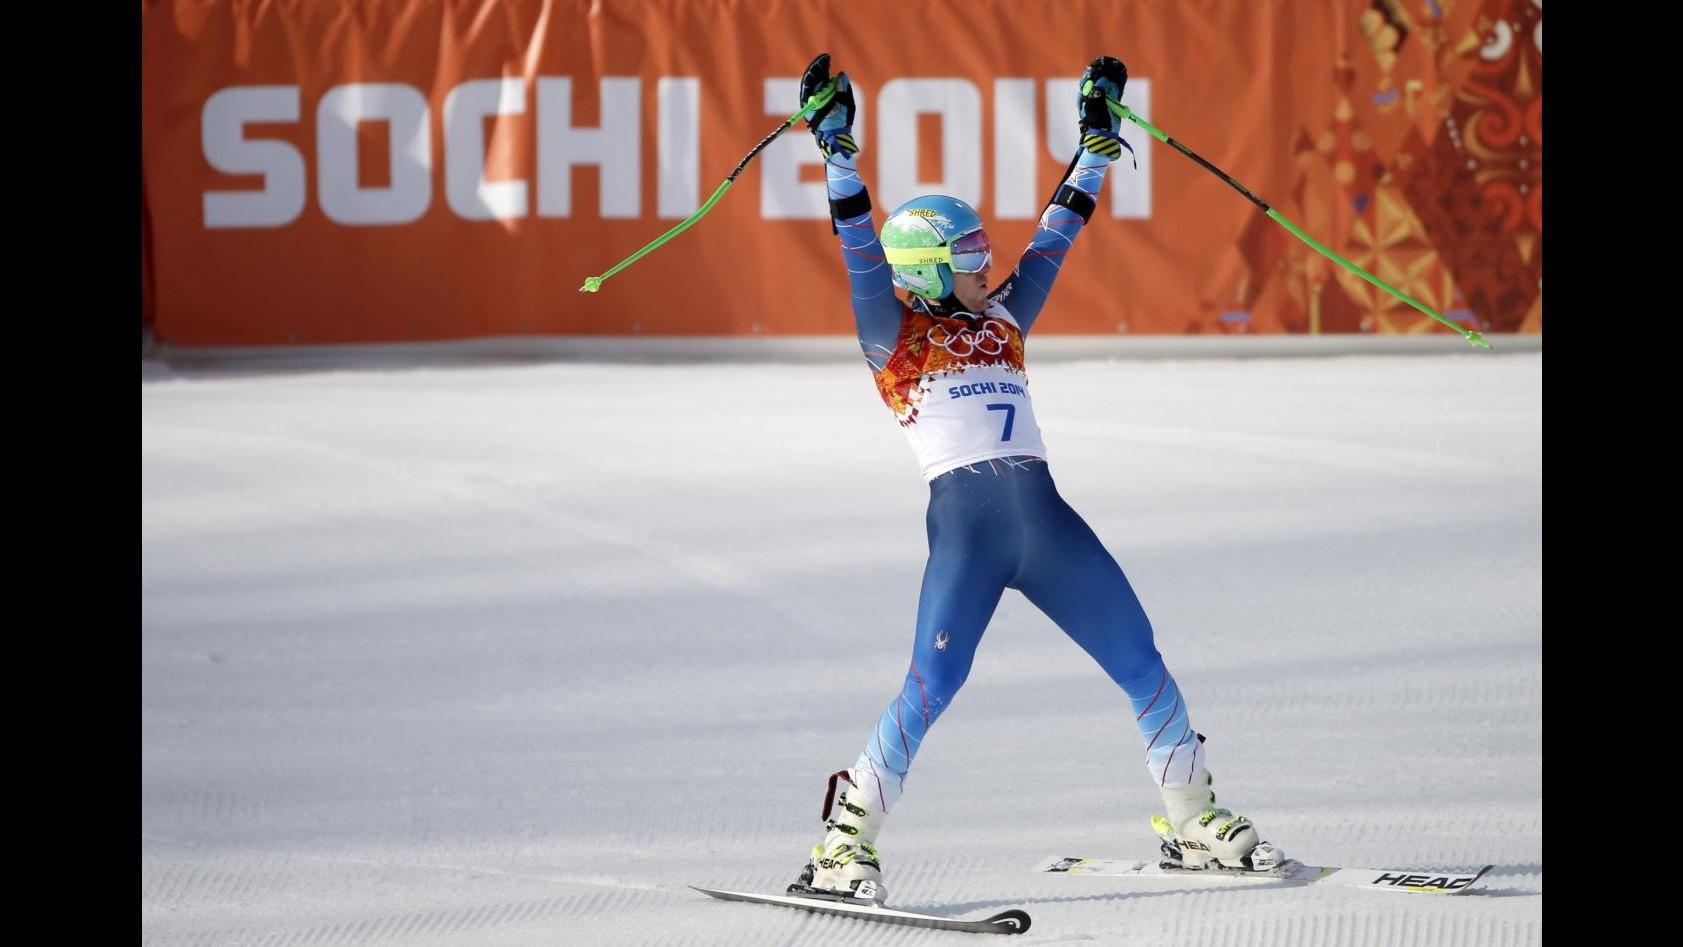 Sochi 2014: Ligety vince oro in gigante davanti a coppia francese, indietro gli azzurri